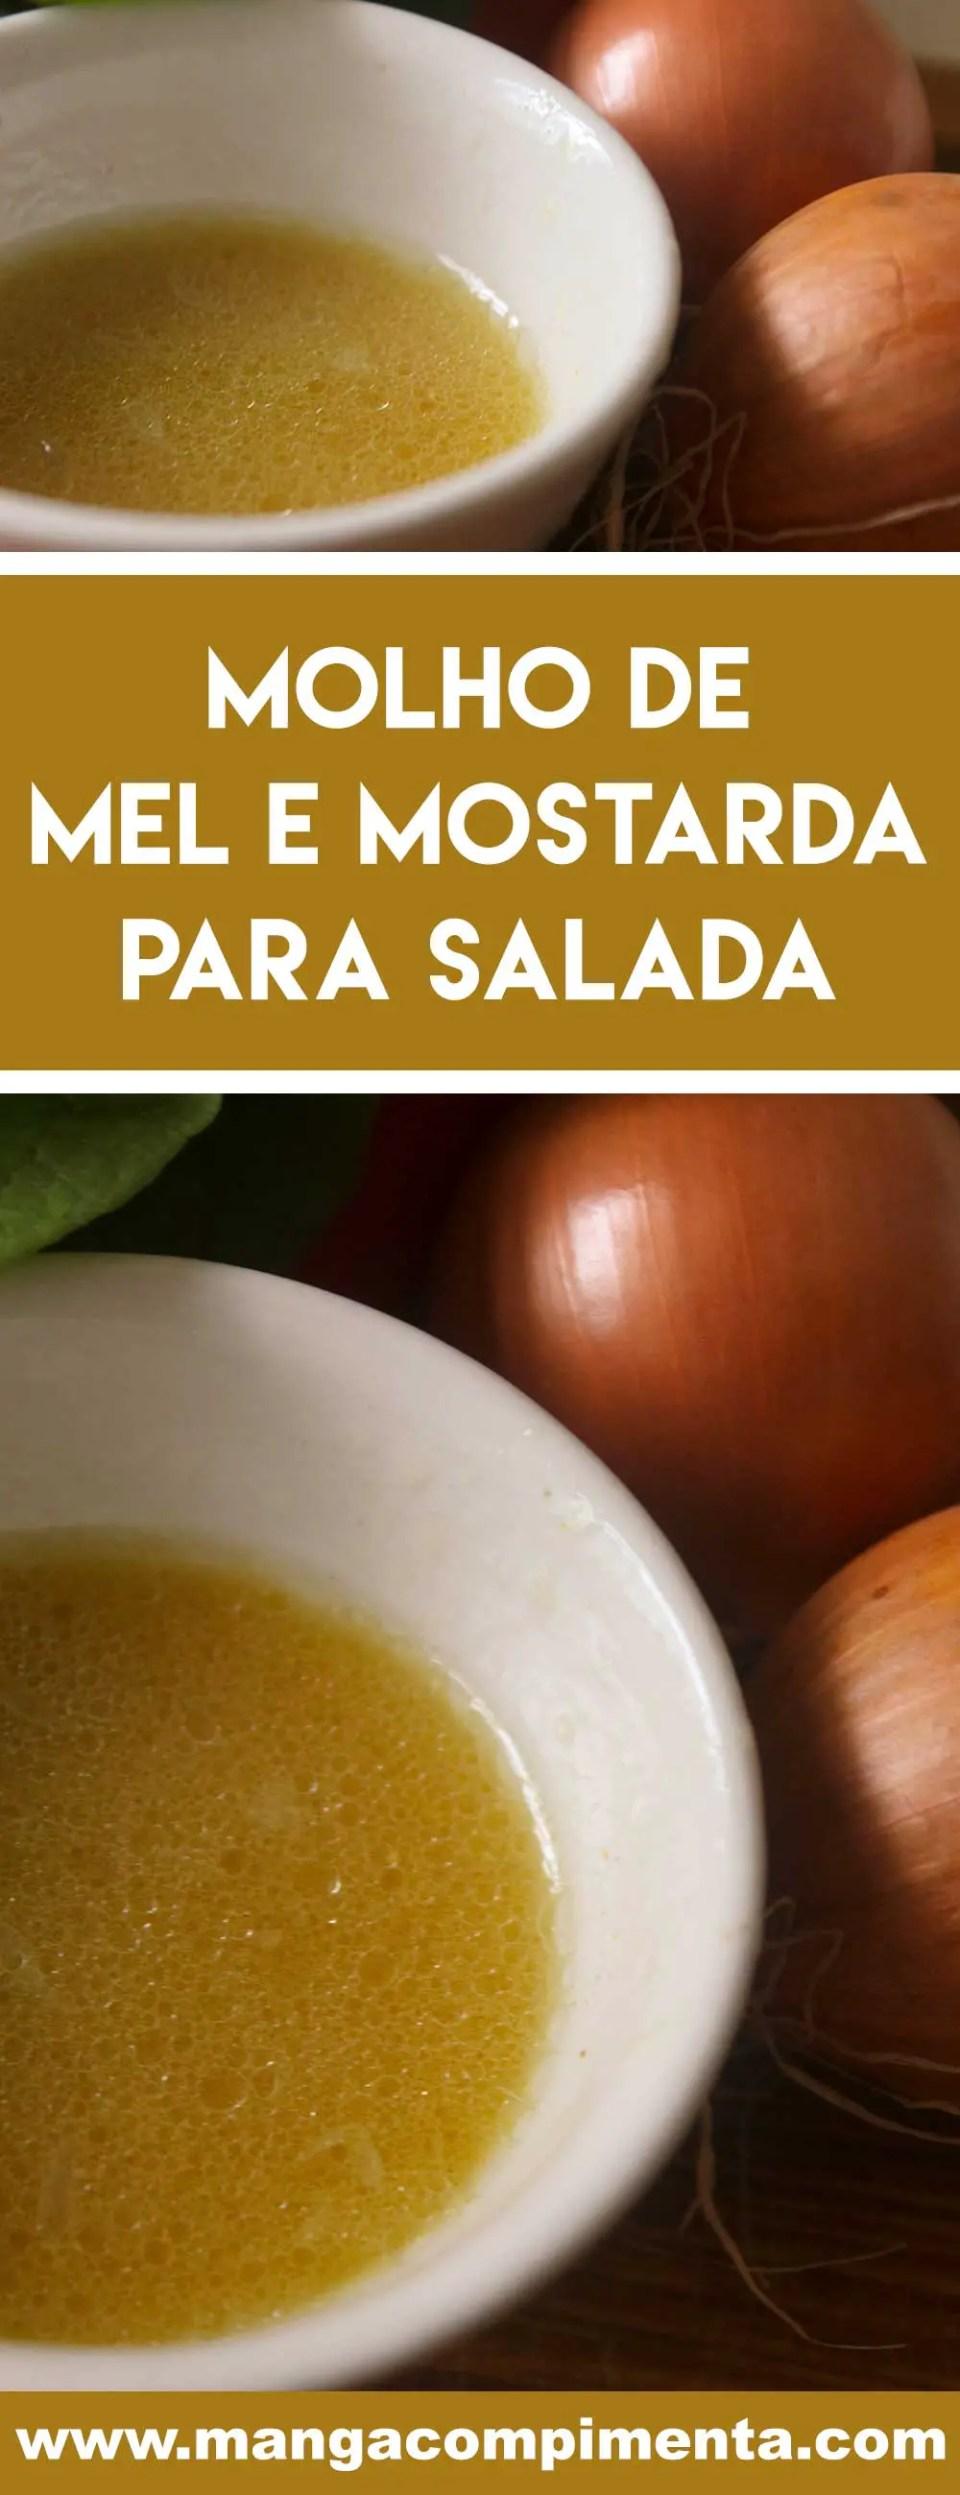 Receita de Molho de Mel e Mostarda para Salada - deixe as folhas de alface mais gostosa com esse tempero caseiro.